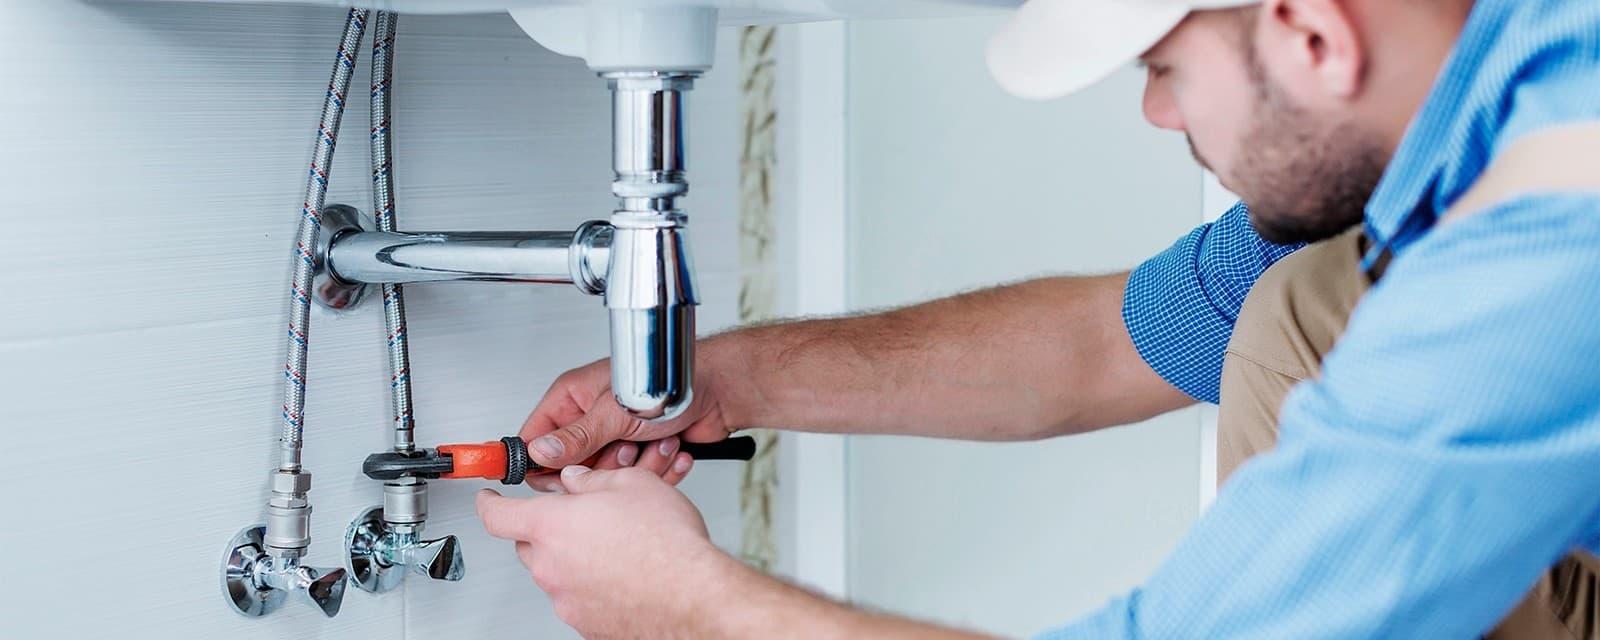 pourquoi-passer-par-un-plombier-professionnel-pour-realiser-vos-travaux